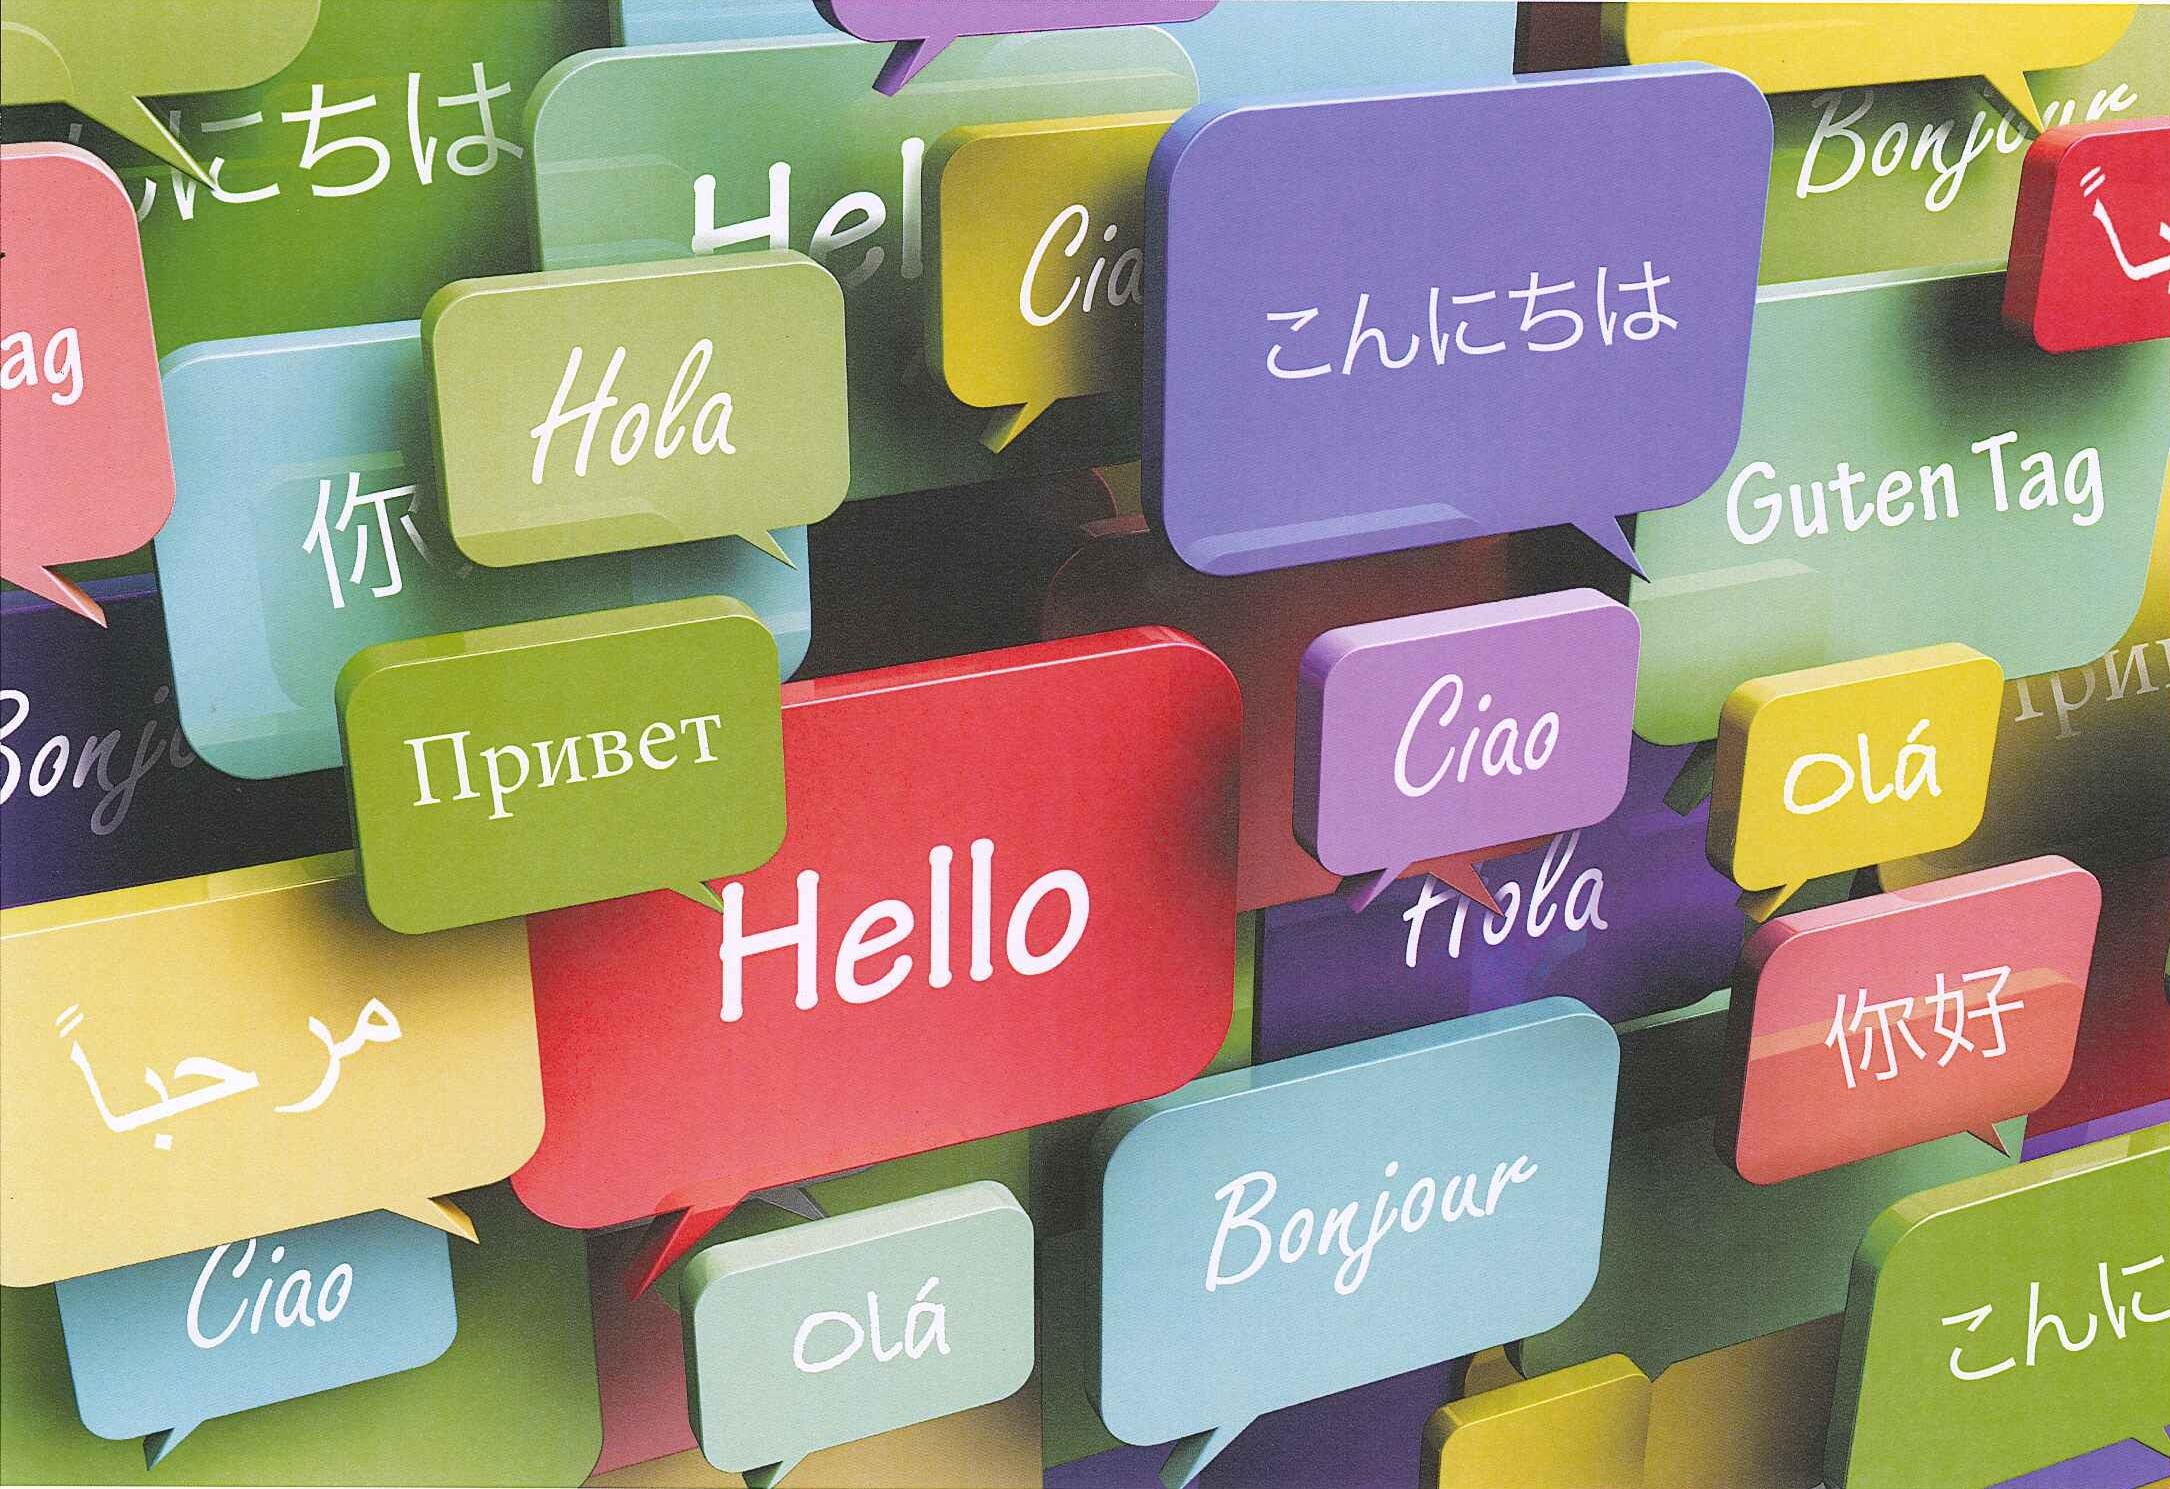 Νέα τάση στη διδασκαλία της ξένης γλώσσας ή απλά ανάγκη;